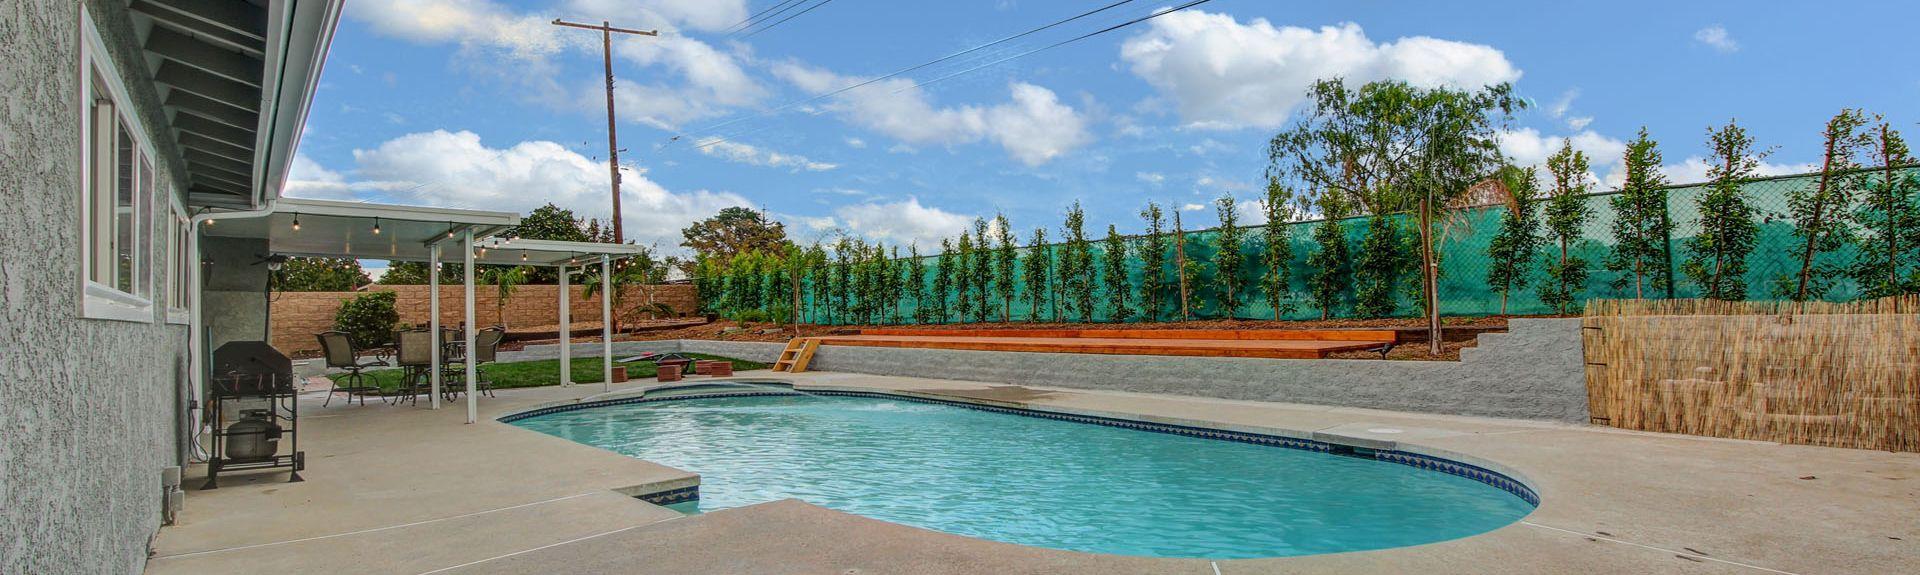 Εμπορικό Κέντρο Camarillo Premium Outlets, Camarillo, Καλιφόρνια, Ηνωμένες Πολιτείες